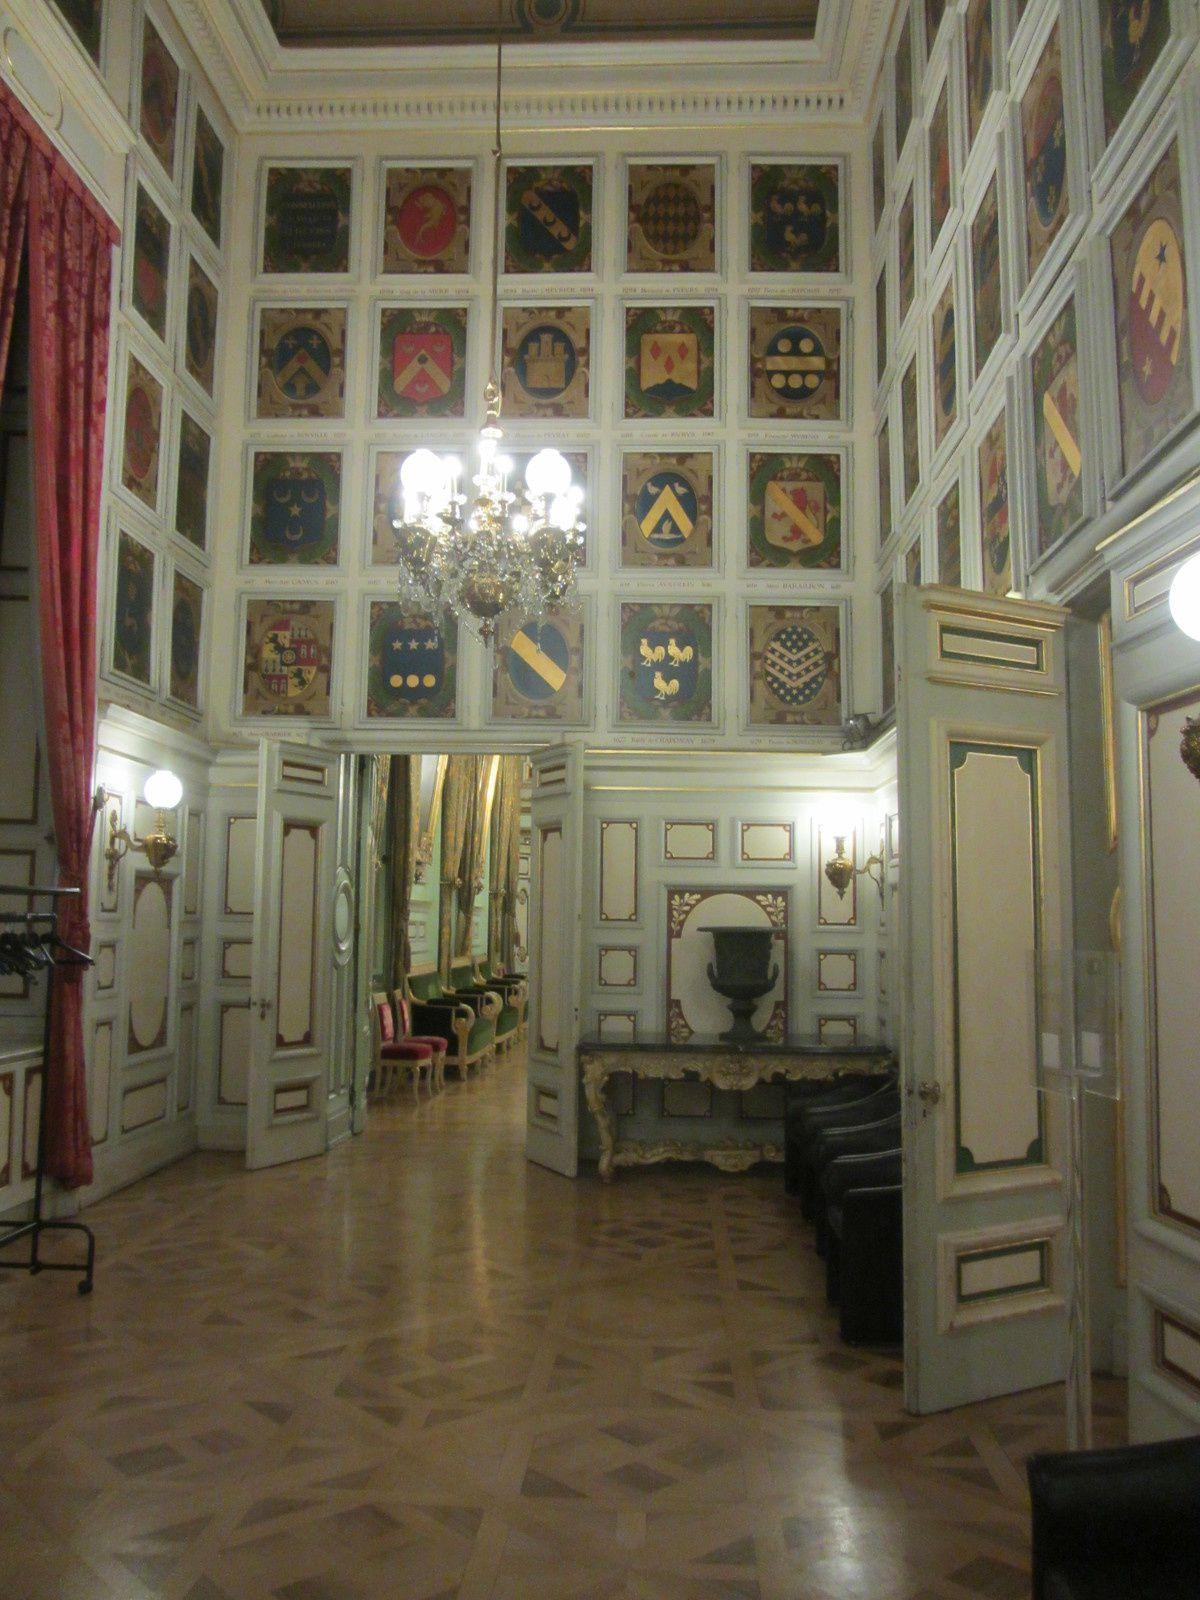 Voici la salle des armoiries, qui était à l'origine la salle des échevins. Leurs portraits ayant tous été brûlés, on les a remplacés pas leurs blasons.